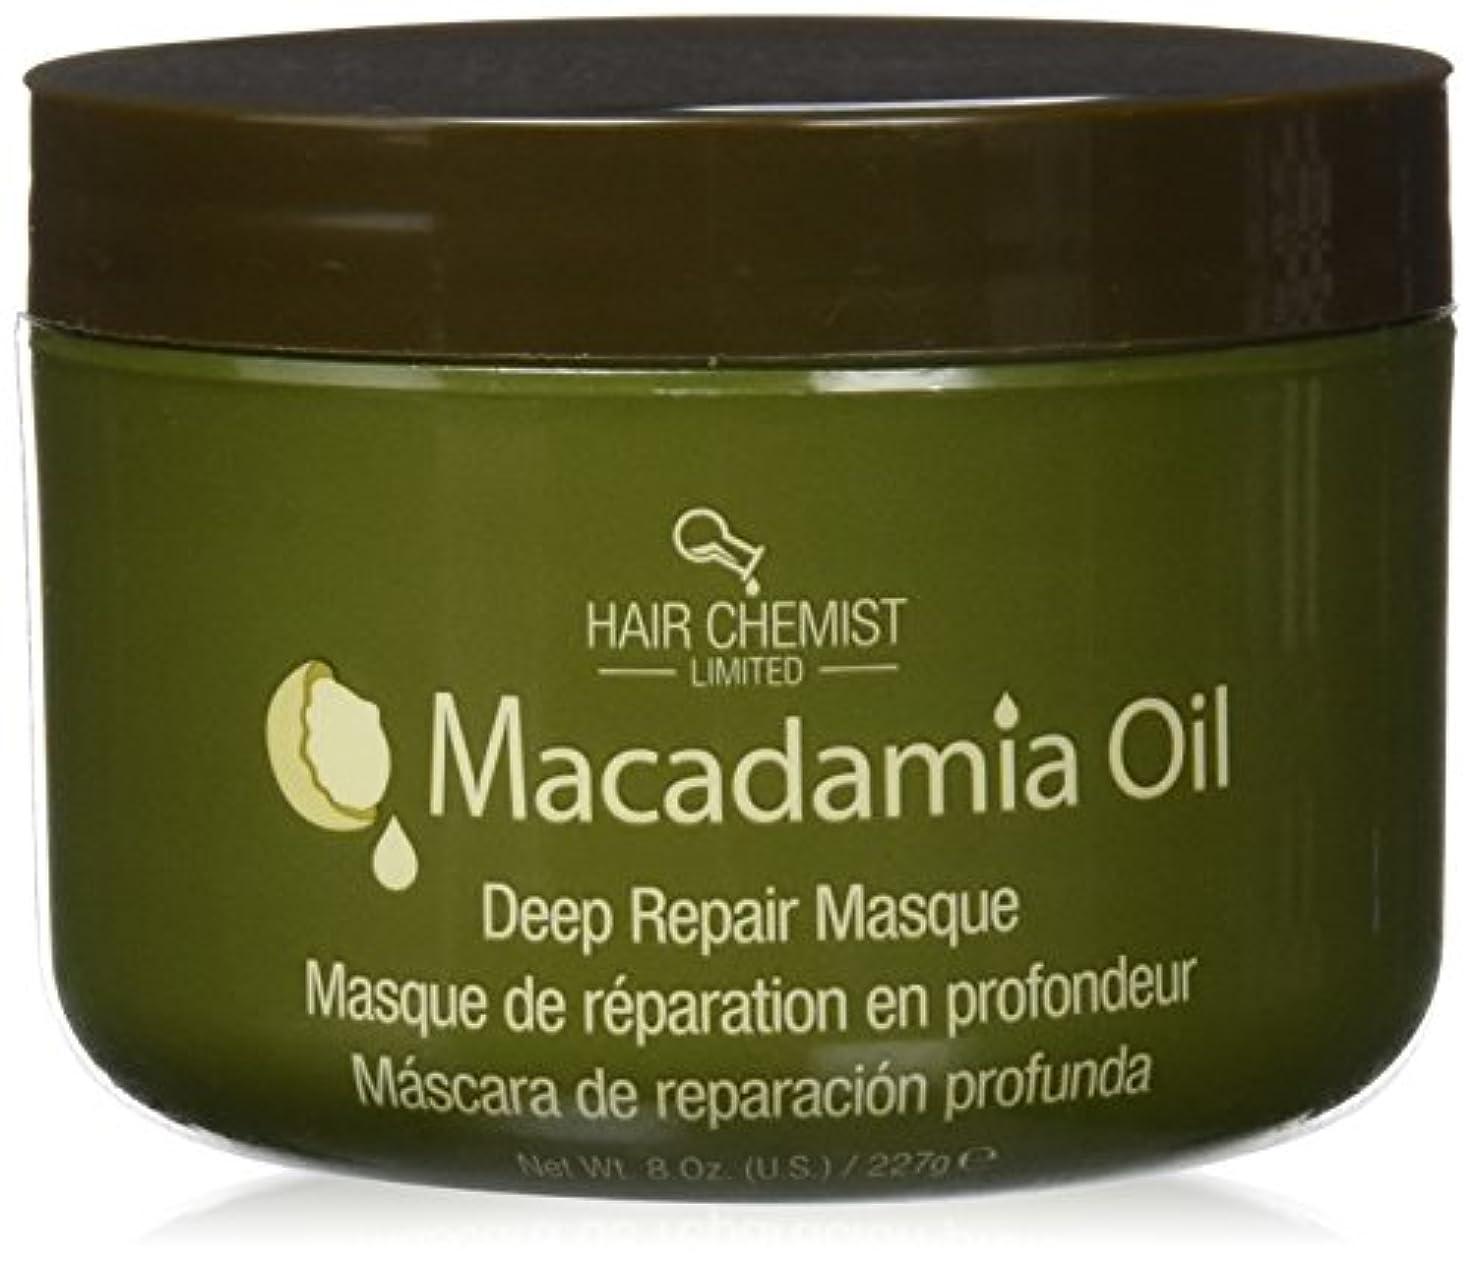 欺導体カテゴリーHair Chemist ヘアマスク マカダミア オイル ディープリペアマスク 227g Macadamia Oil Deep Repair Mask 1434 New York